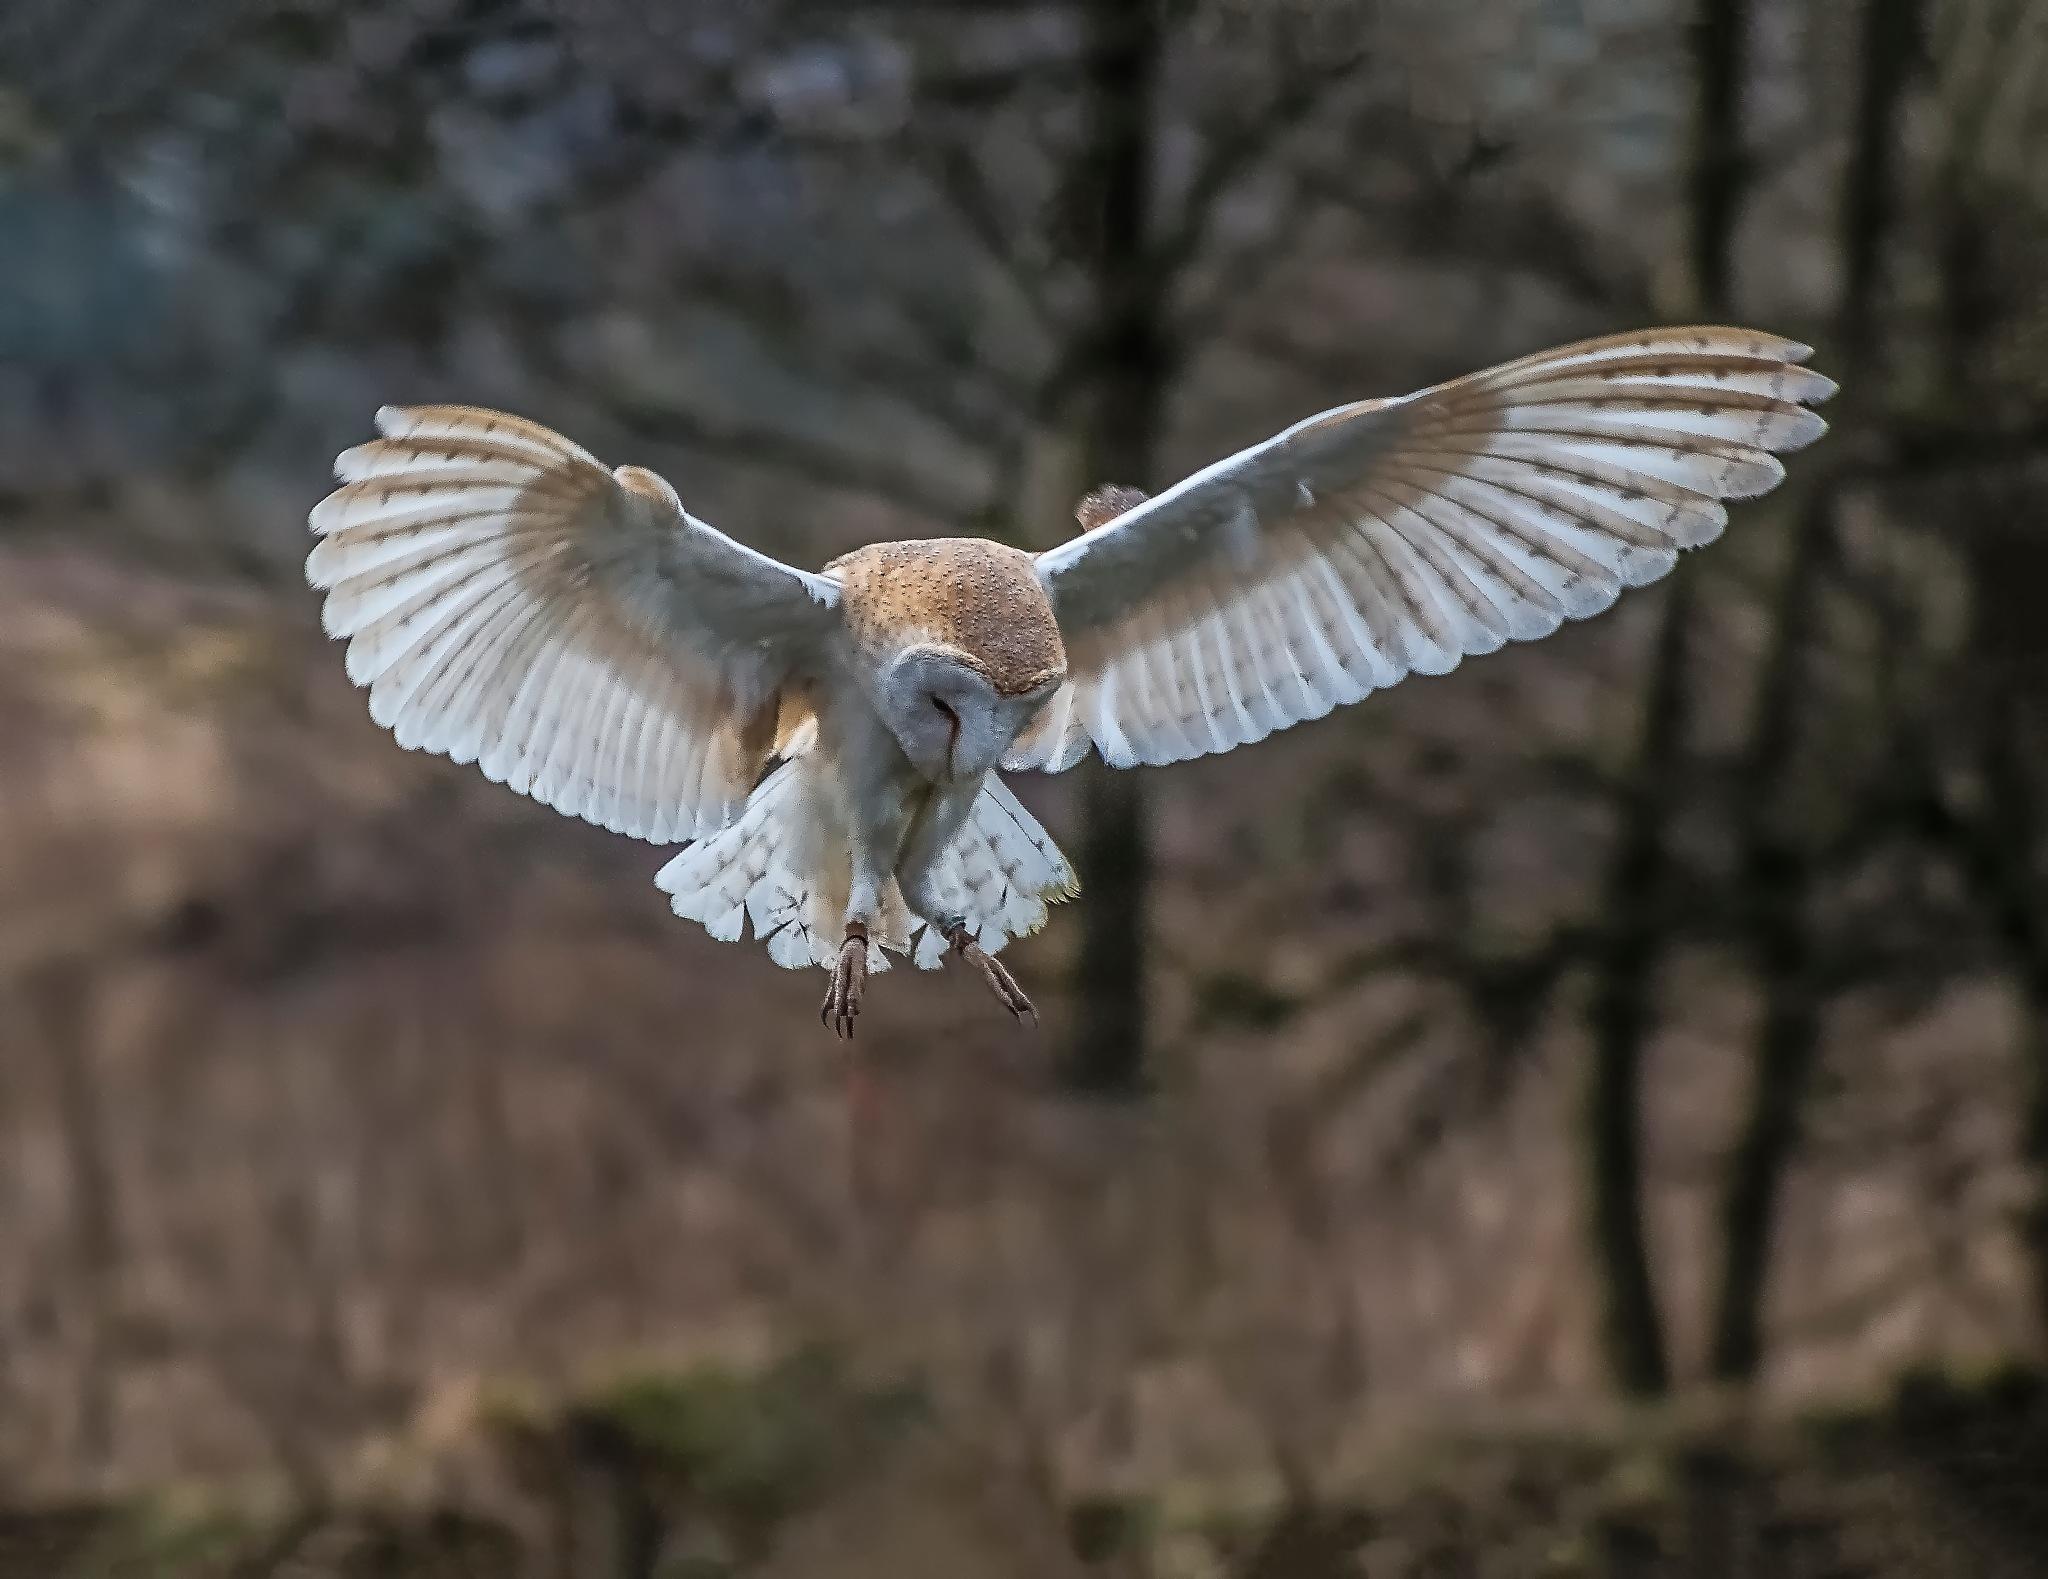 Barn Owl in flight. by sidoneill1